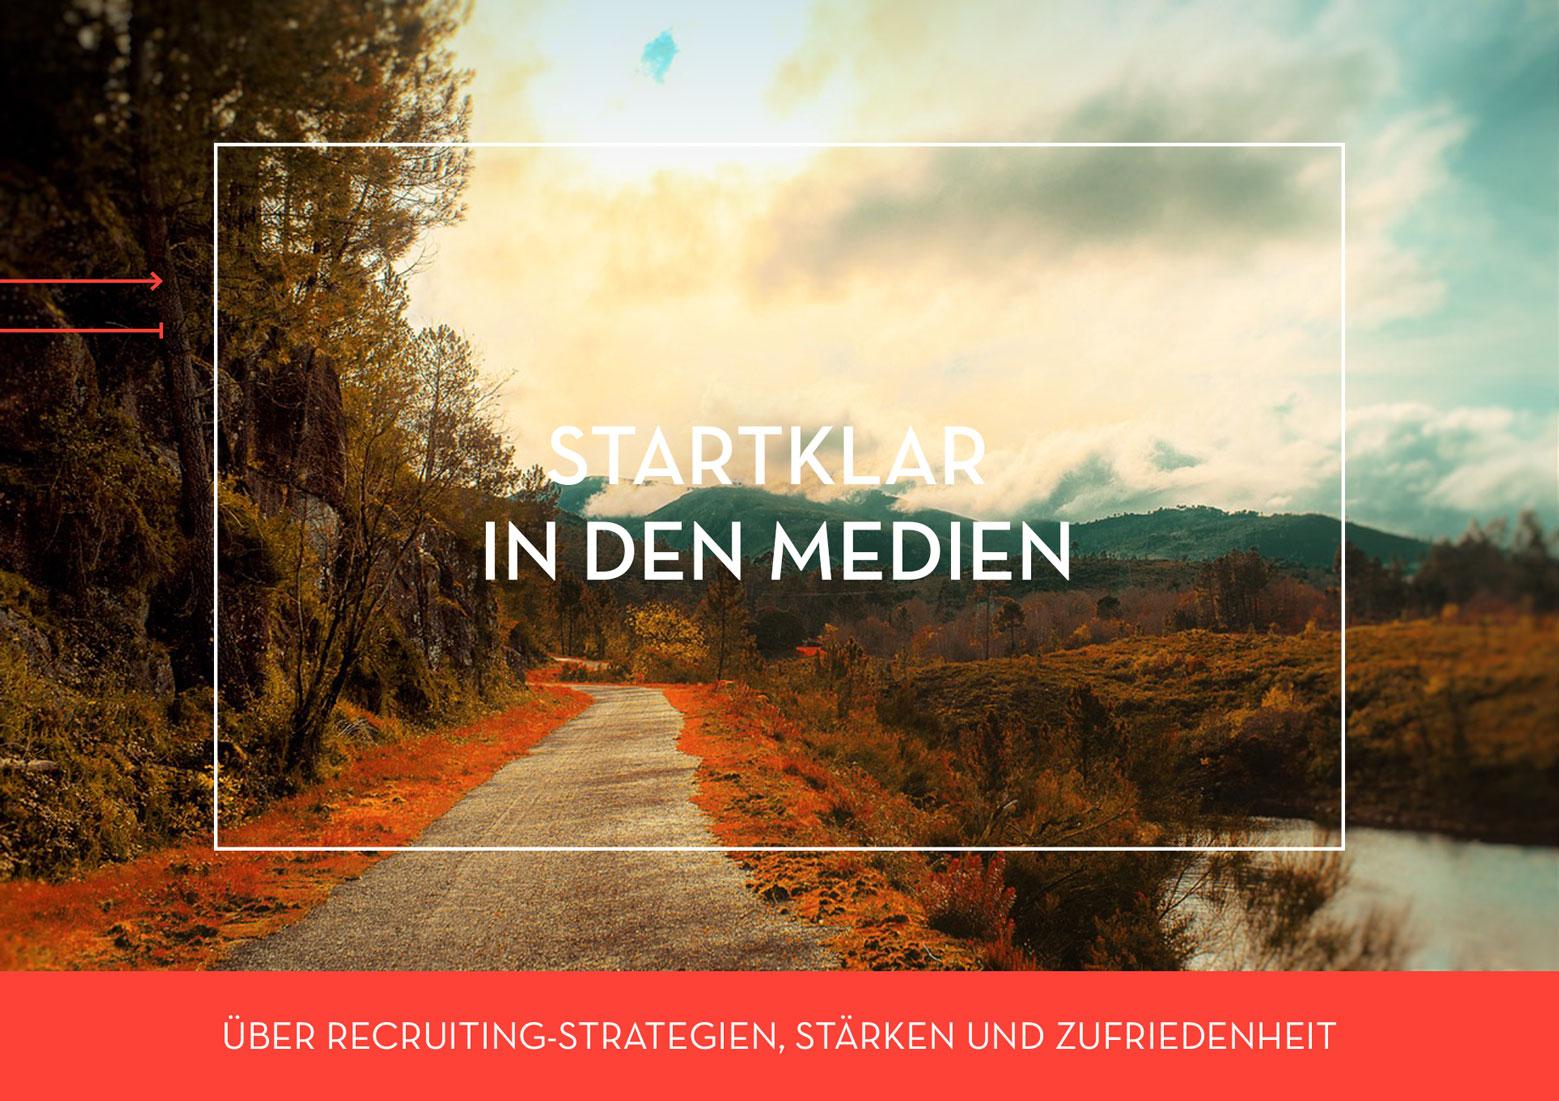 STARTKLAR in den Medien - Über Recruiting-Strategien, Stärken und Zufriedenheit